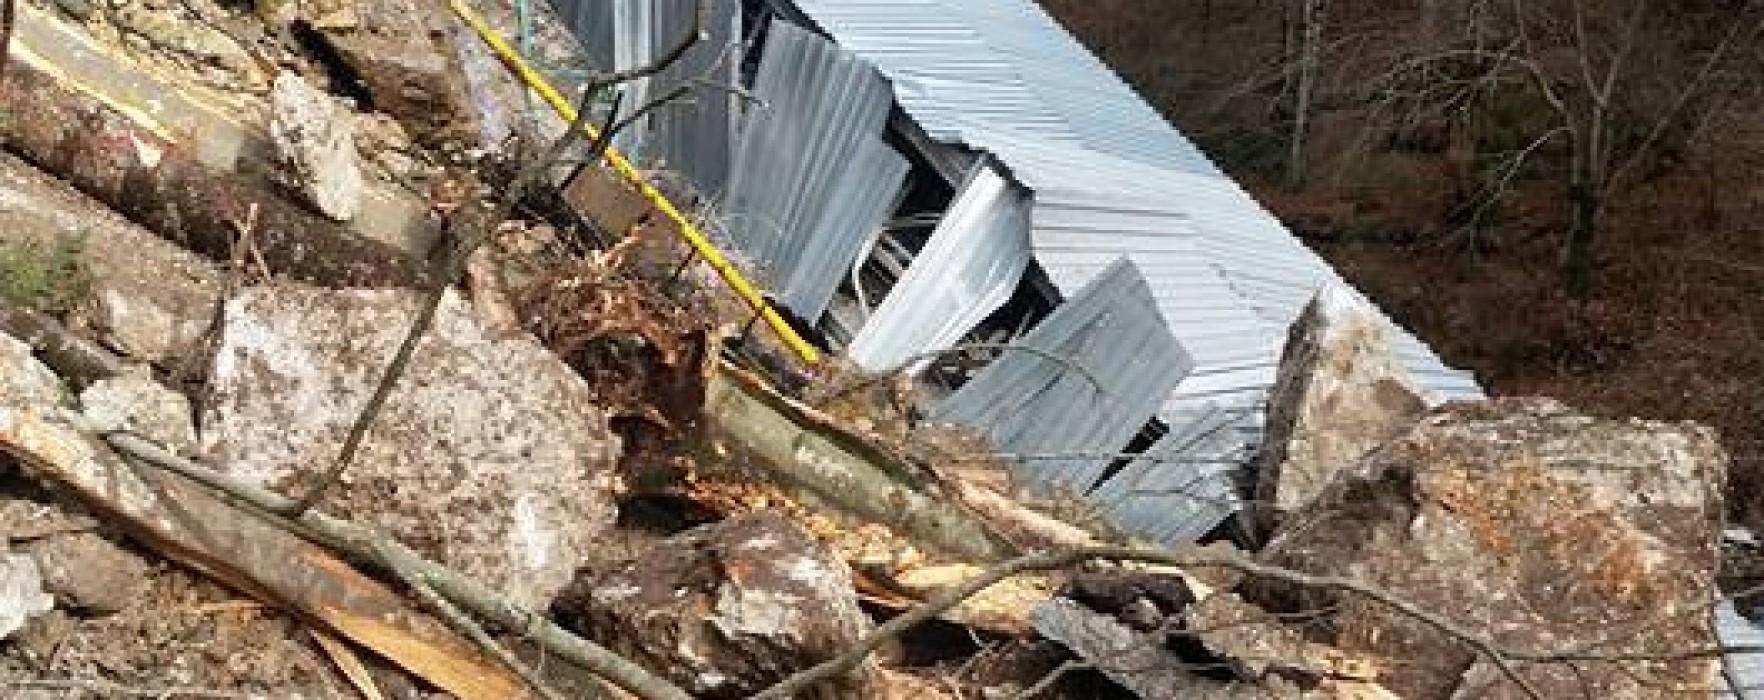 Dâmboviţa: Stâncă dislocată în zona montană, 800 de familii rămase fără apă